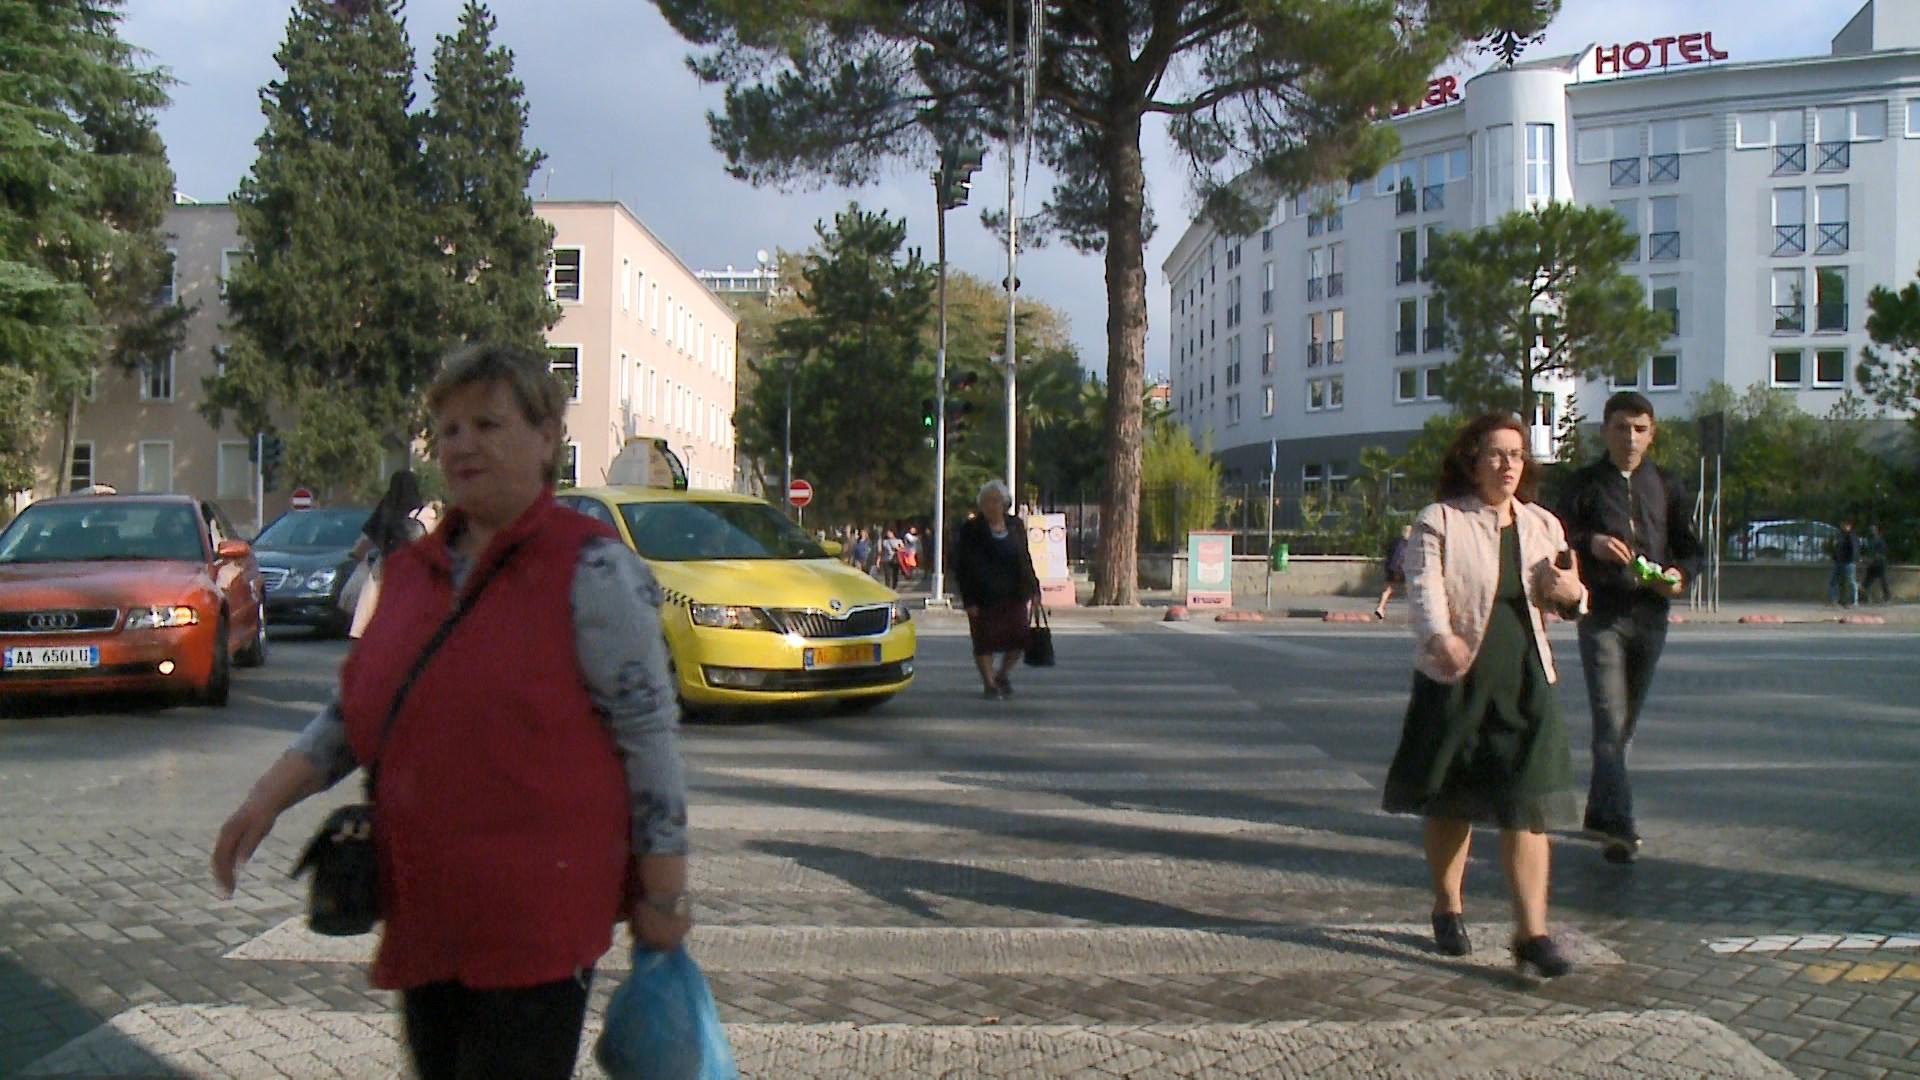 Semaforët burim aksidentesh, ekspertët rrugorë: Të riprogramohen